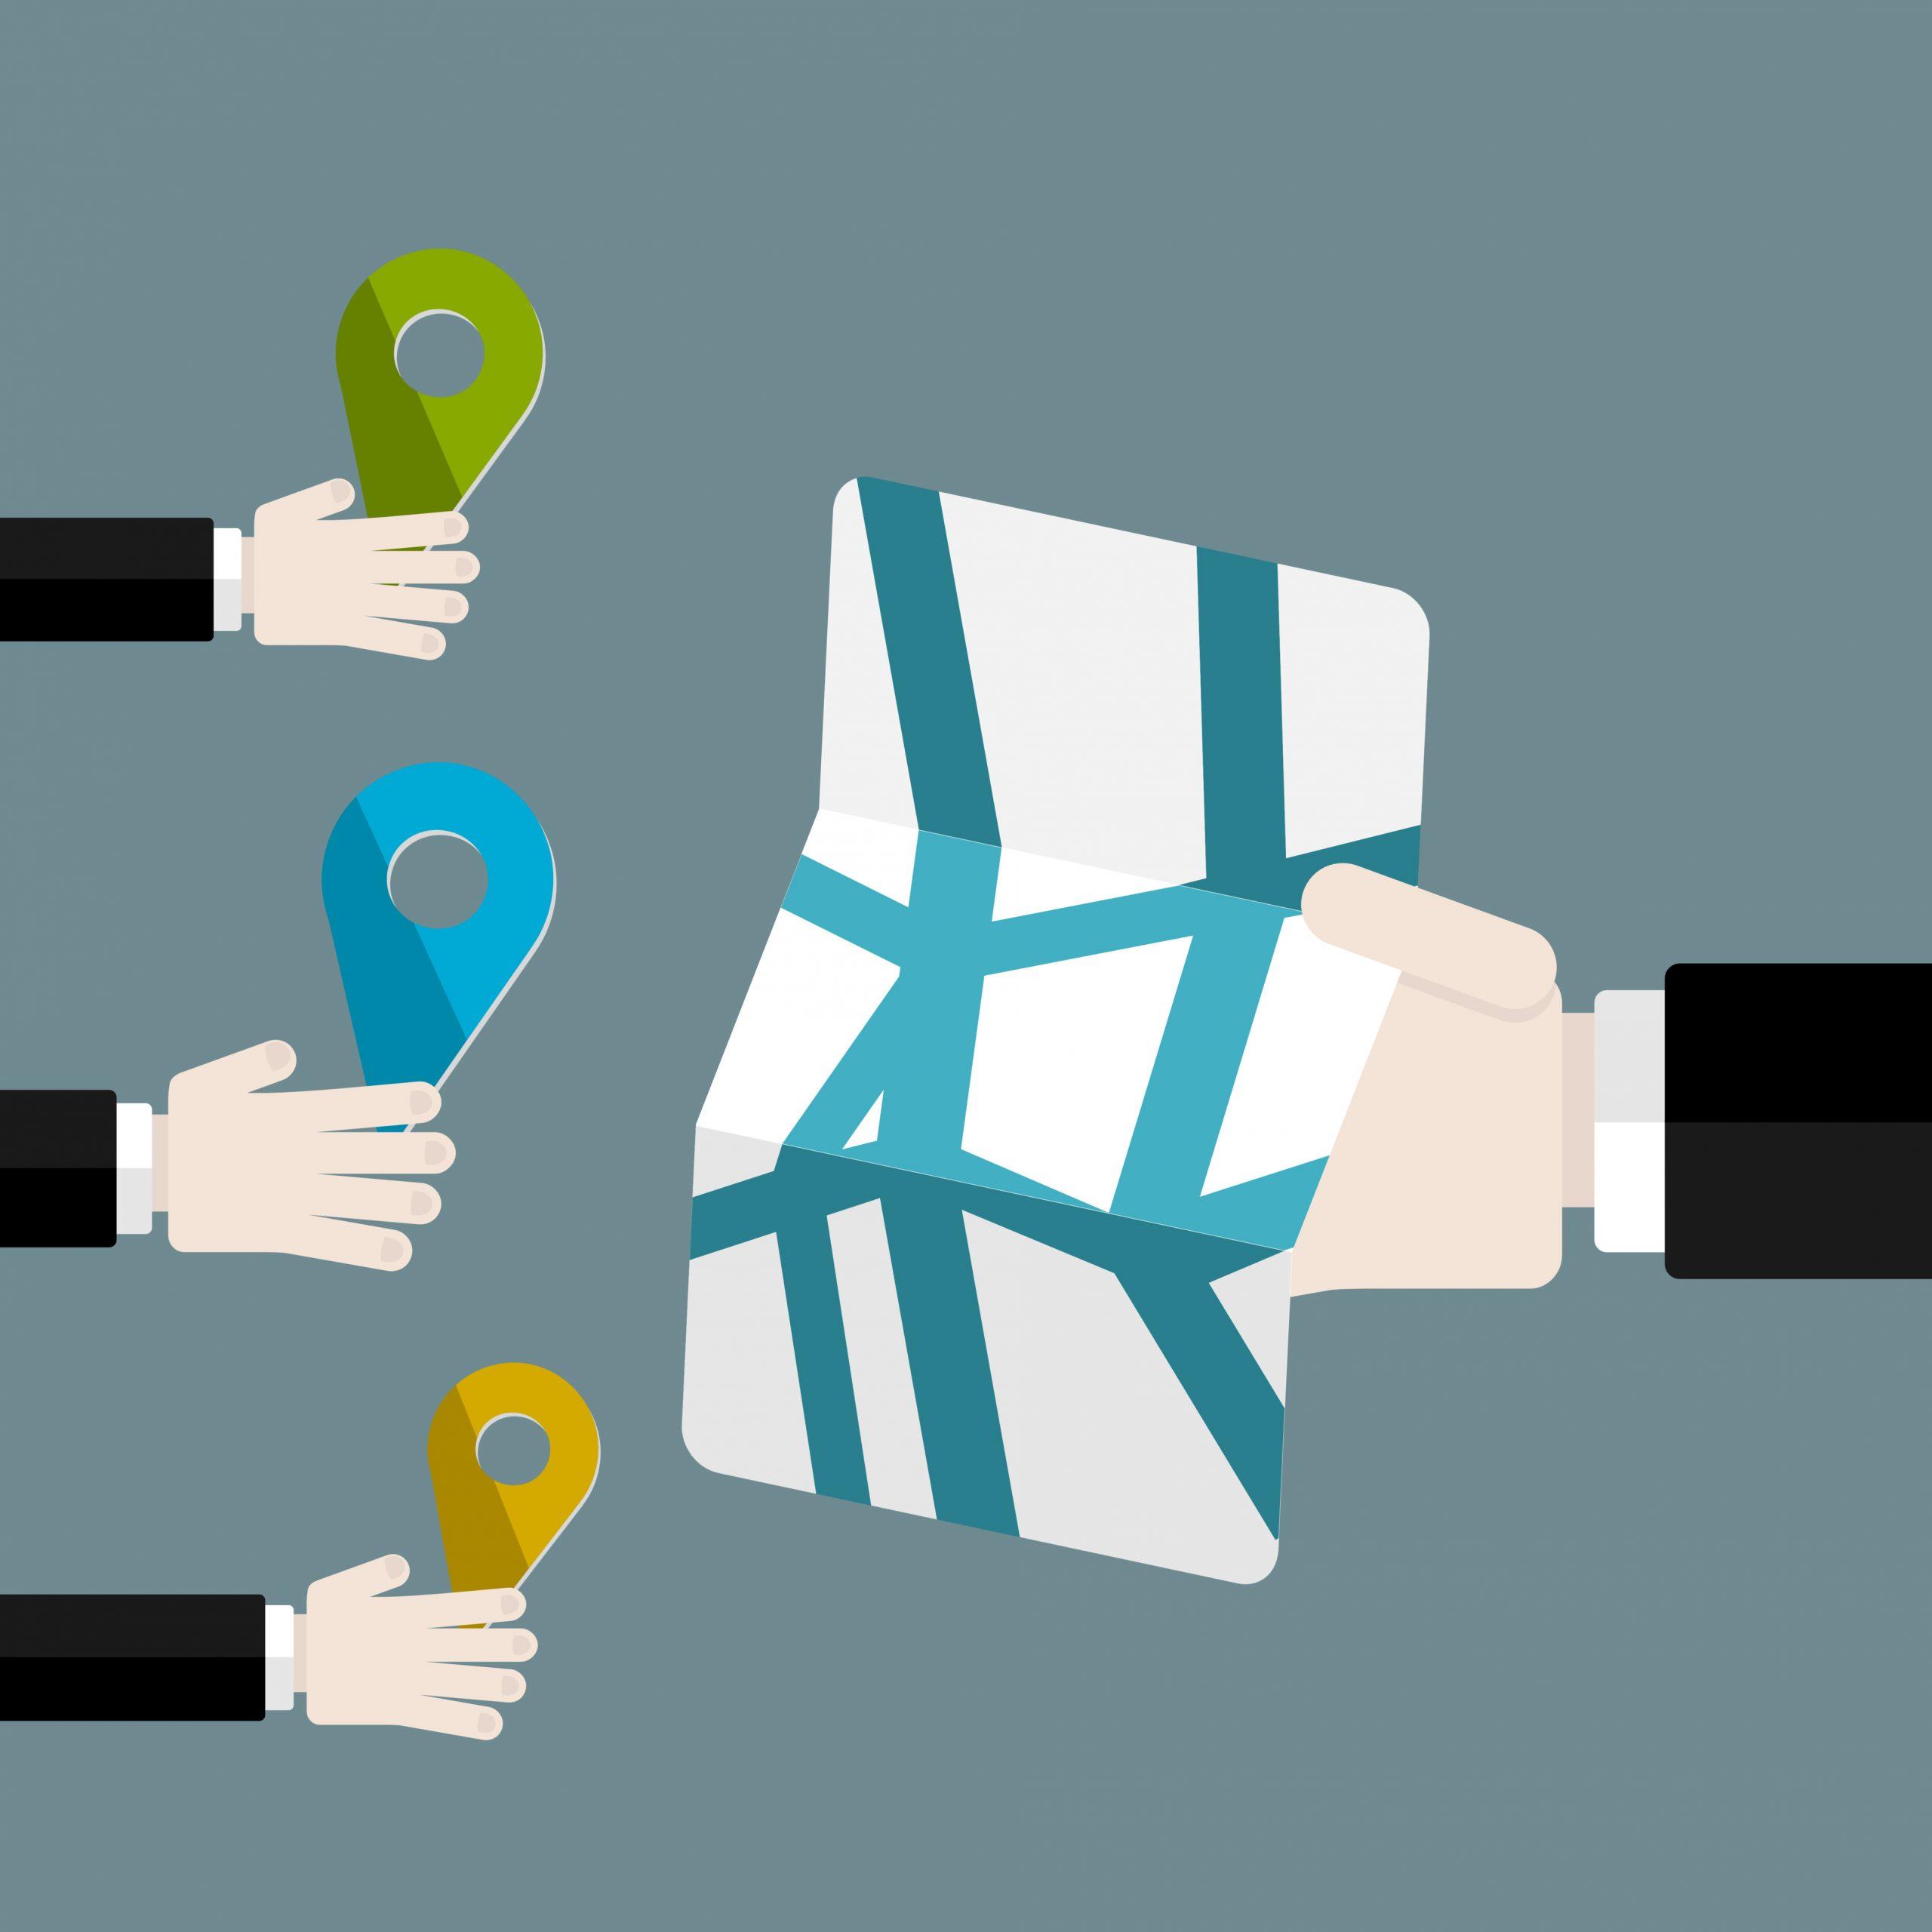 Définir une stratégie cybersécurité dans une grande entreprise – Retours d'expérience